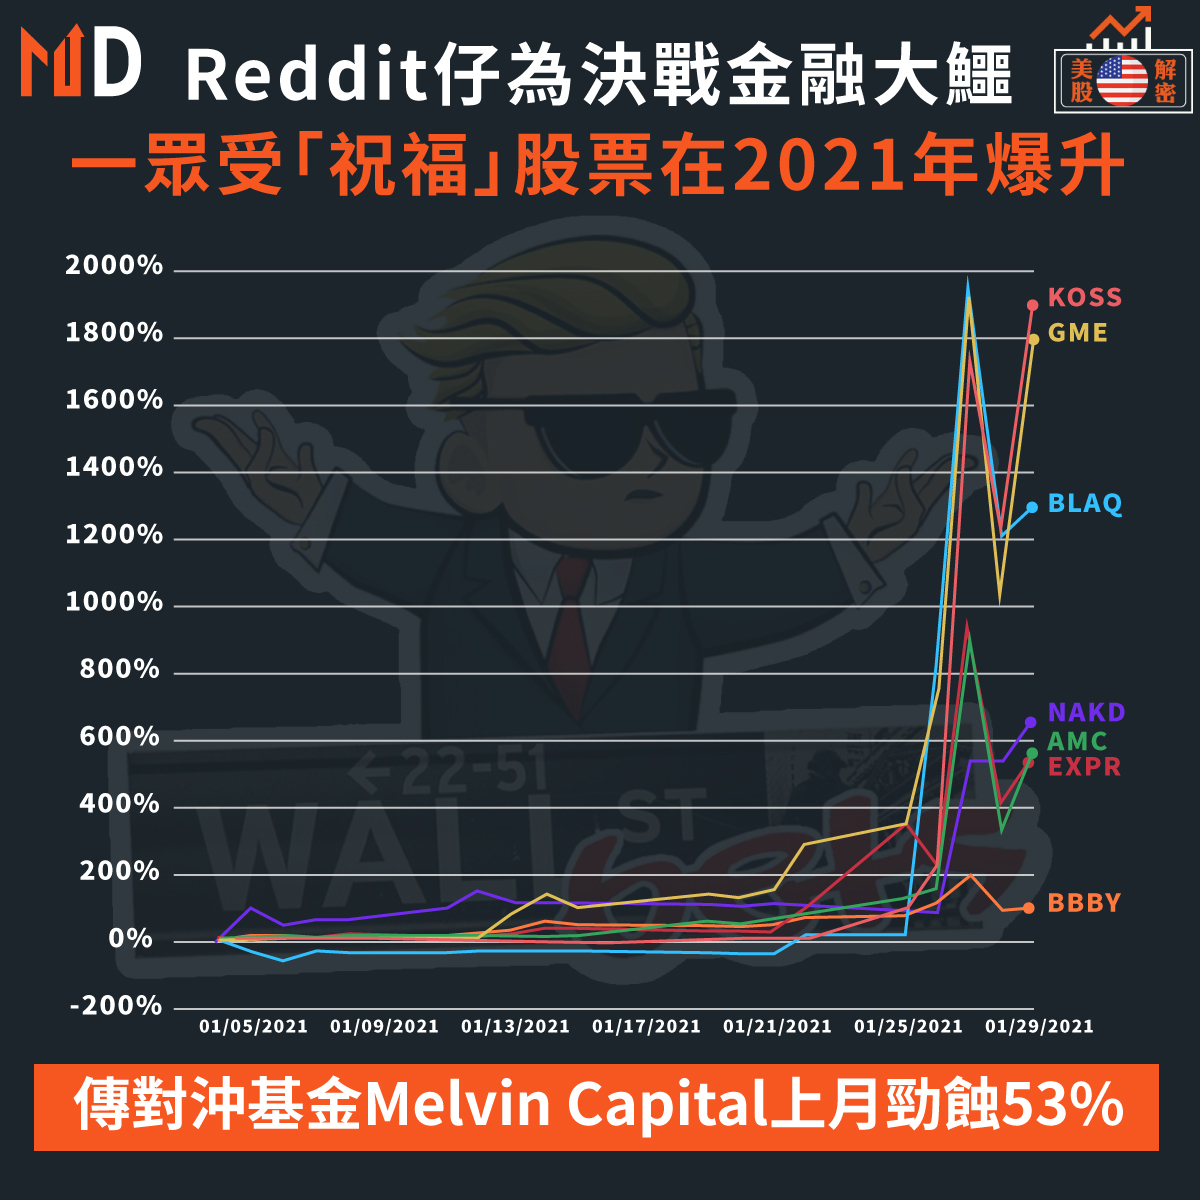 Reddit仔為決戰金融大鱷,一眾受「祝福」股票在2021年爆升